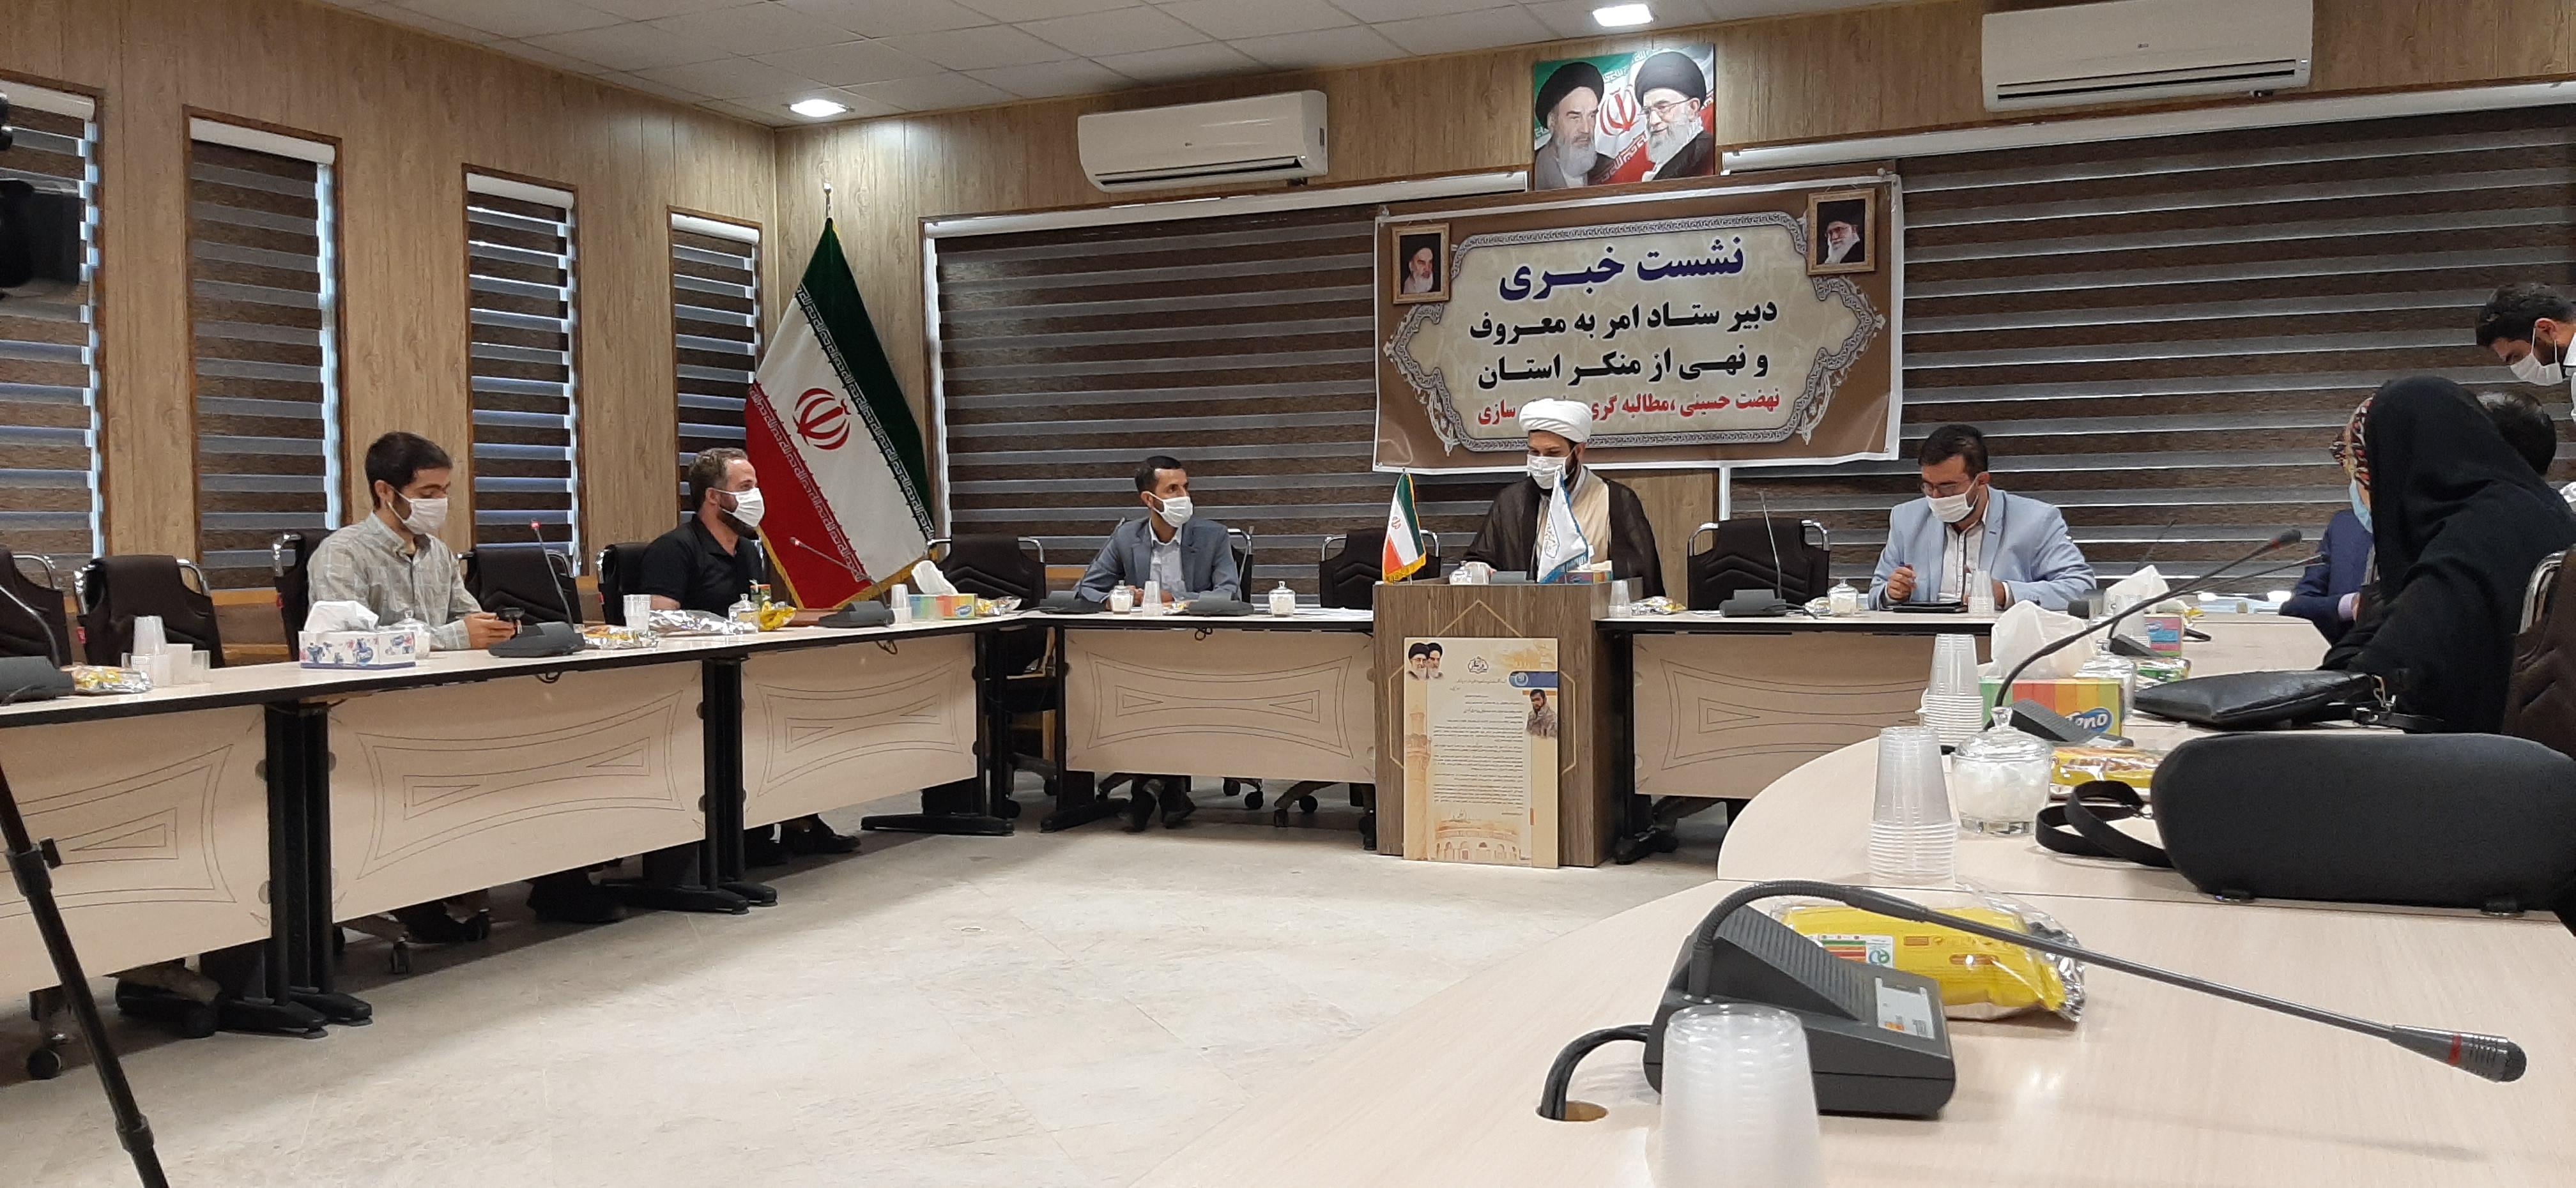 صدور مجوز برای 100 گروه جهادی در استان